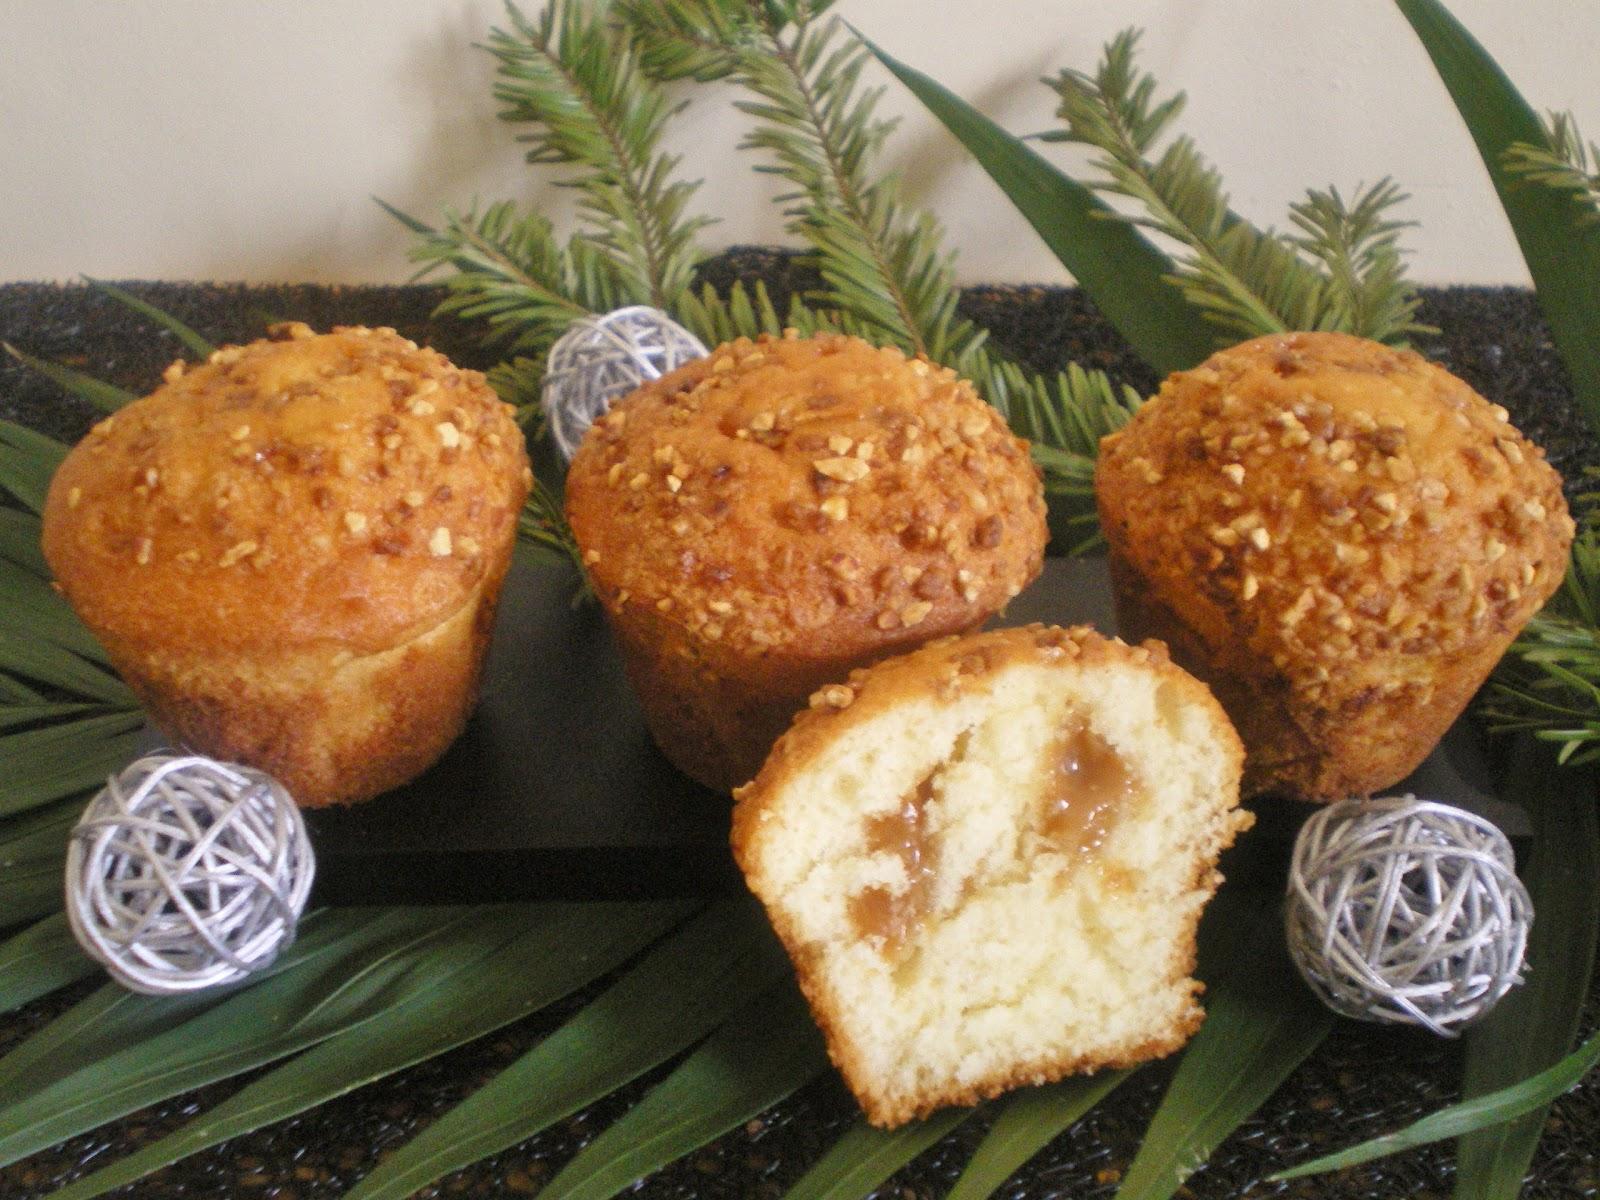 Incroyable Recette Caramel Beurre Salé Cyril Lignac les mets tissÉs: cuisine d'ici et d'ailleurs: muffins caramel beurre